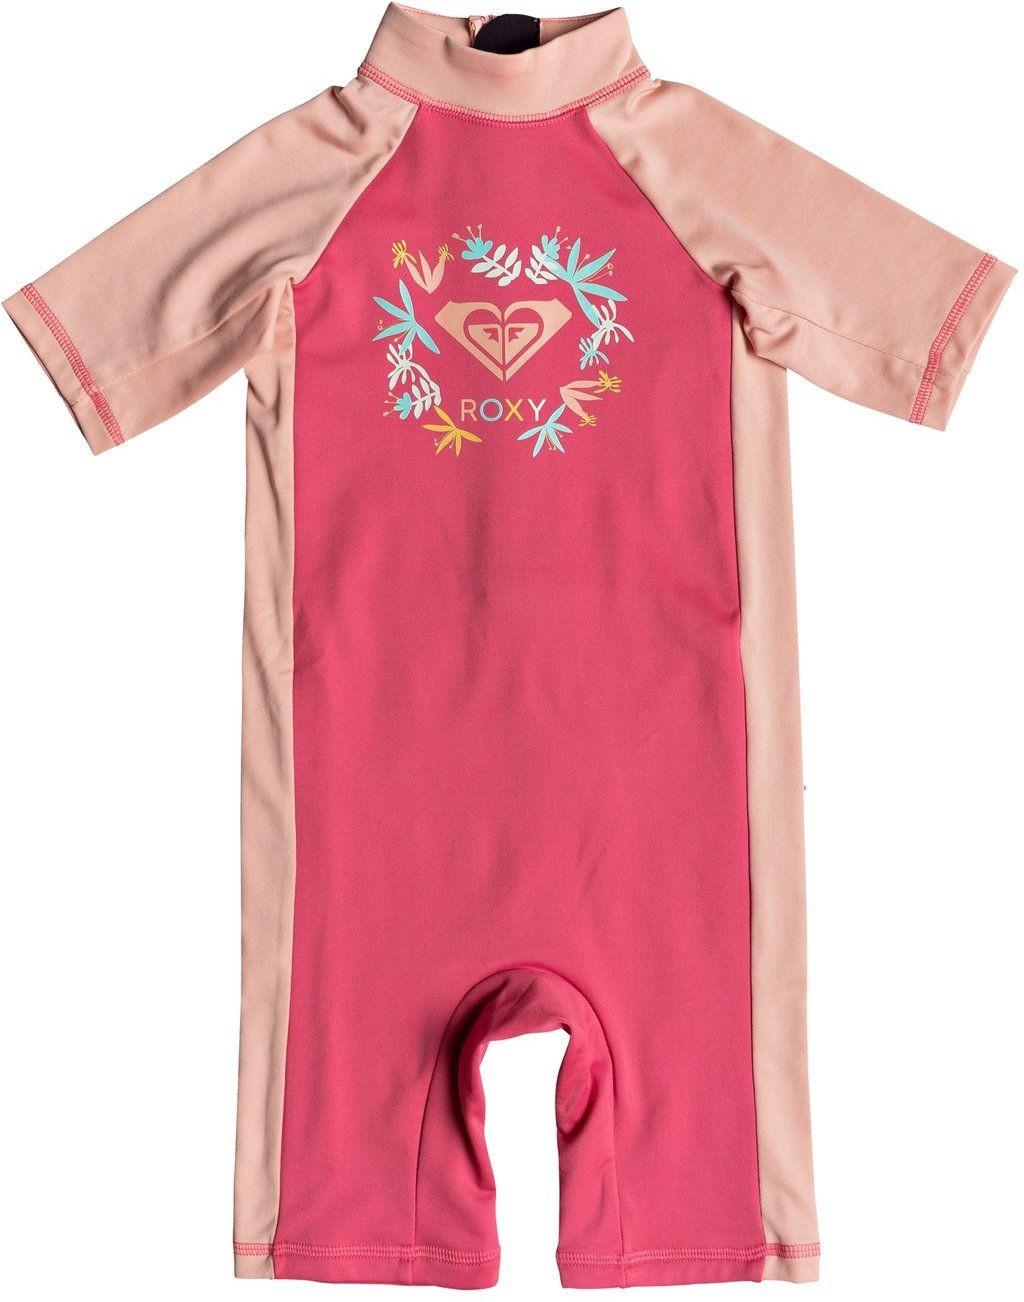 Roxy strój kąpielowy jednoczęściowy dla SOUL MERMAIDS Rouge Red MLJ0